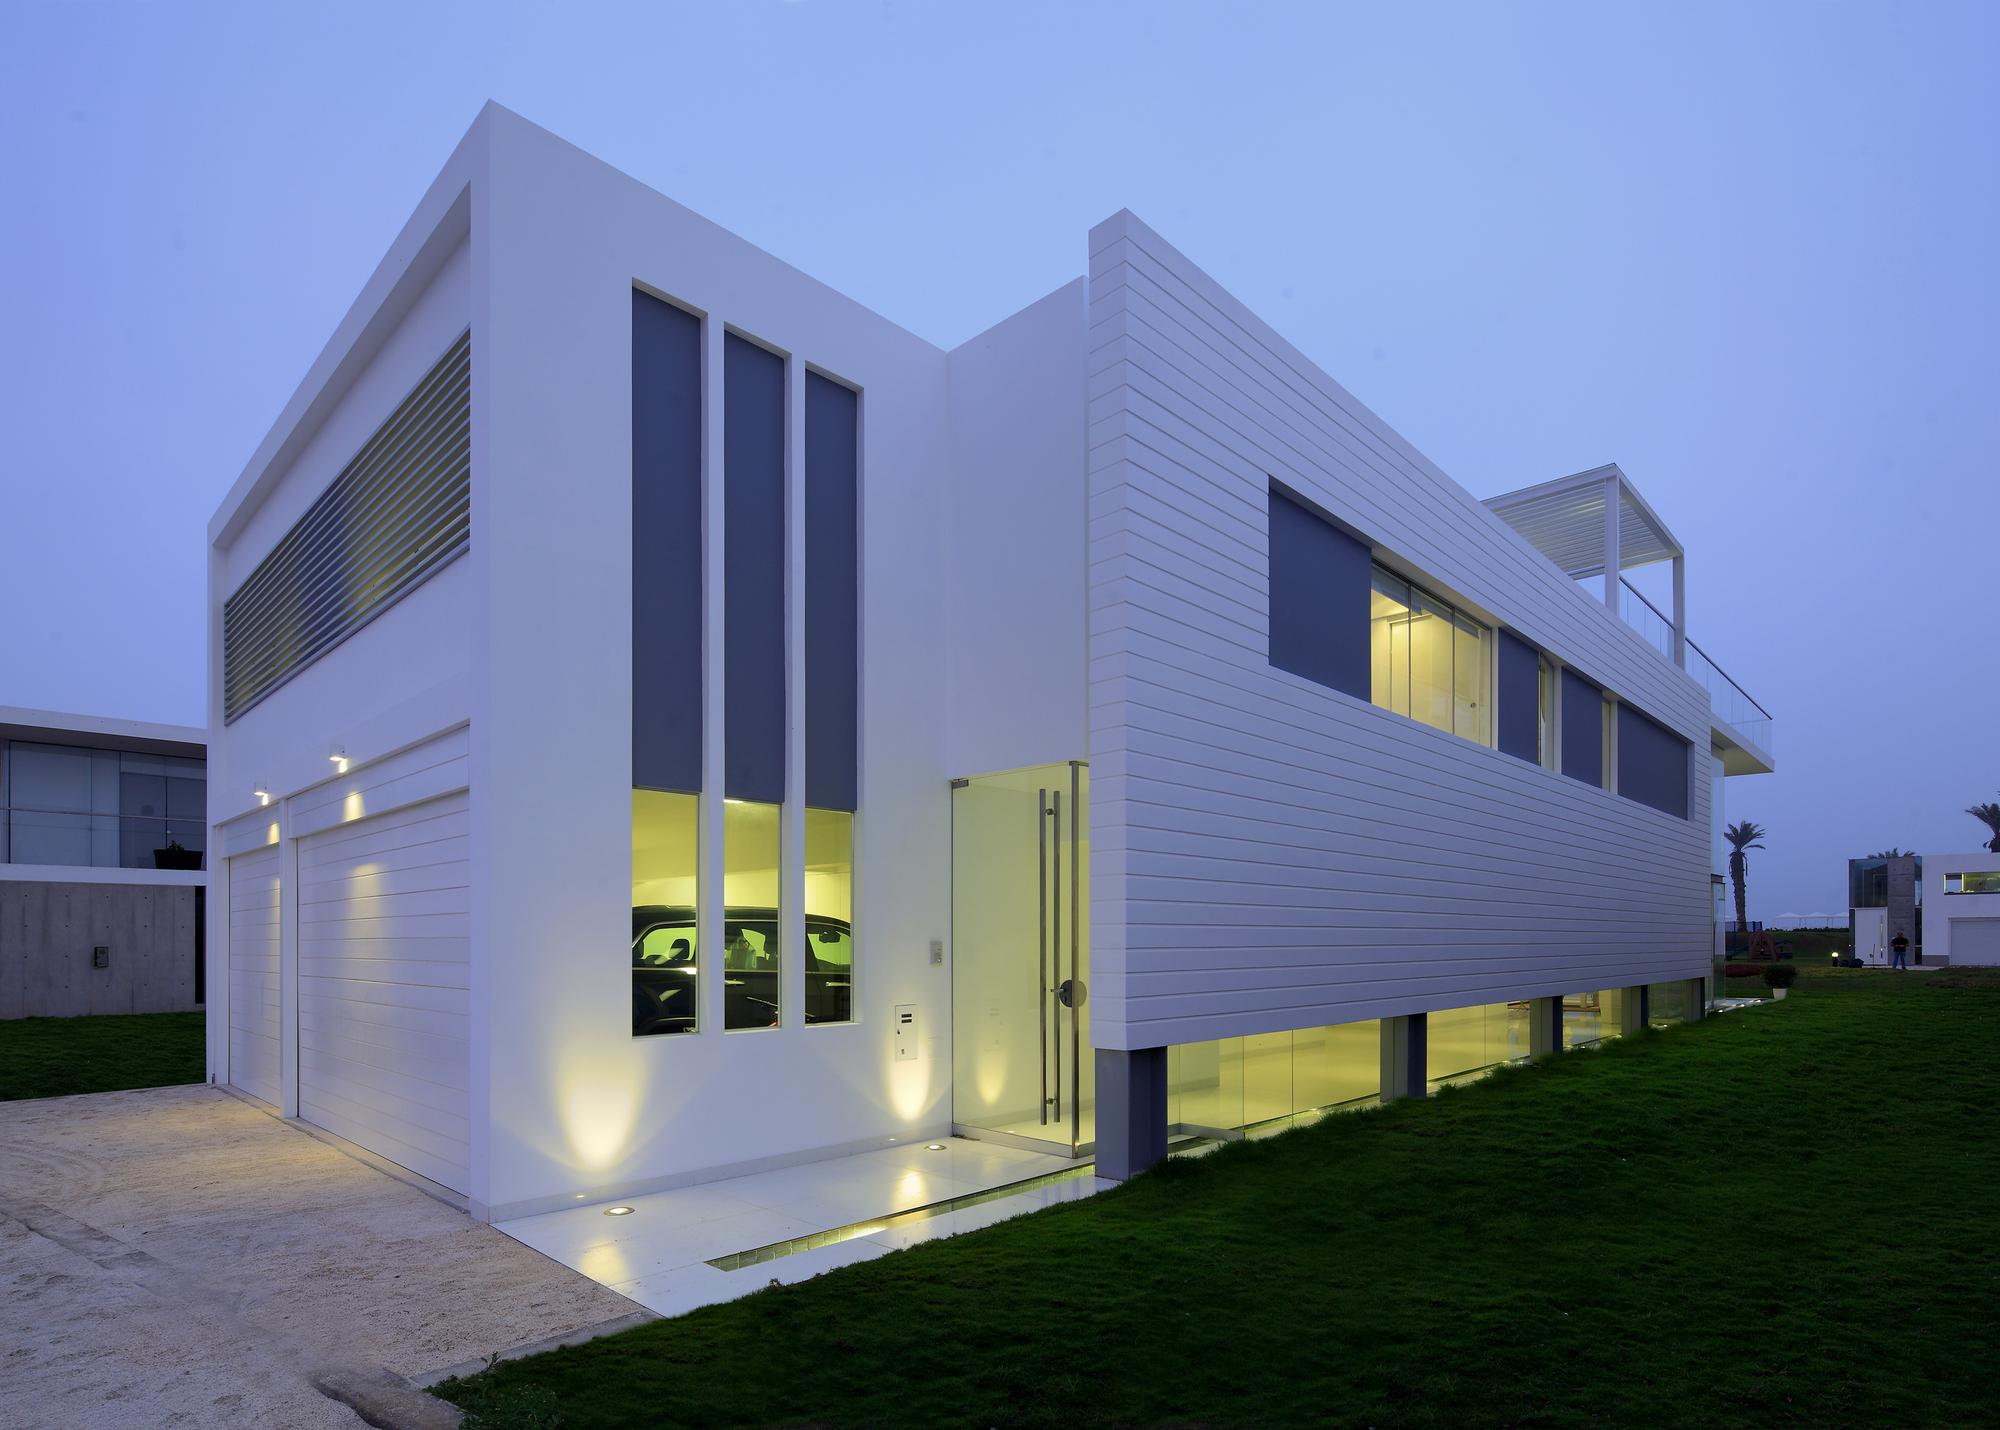 Galer a de casa mb rubio arquitectos 14 for Arquitectos para casas